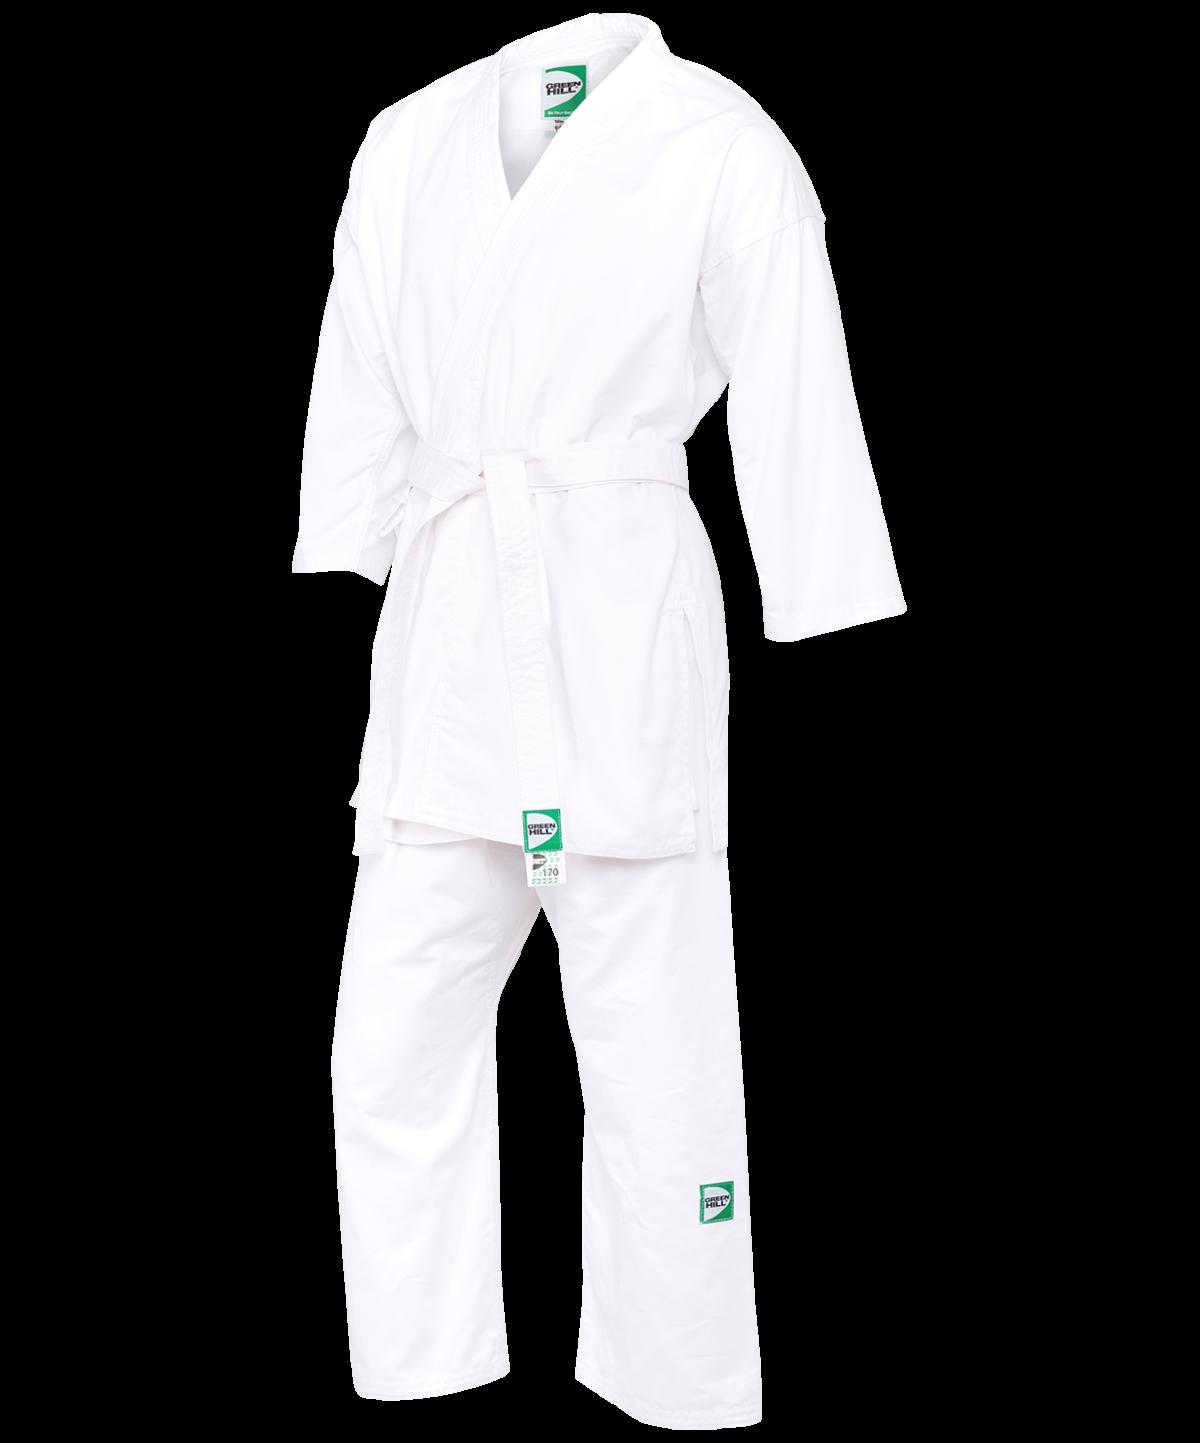 GREEN HILL Кимоно для карате Start 4/170  KSST-10354 - 1